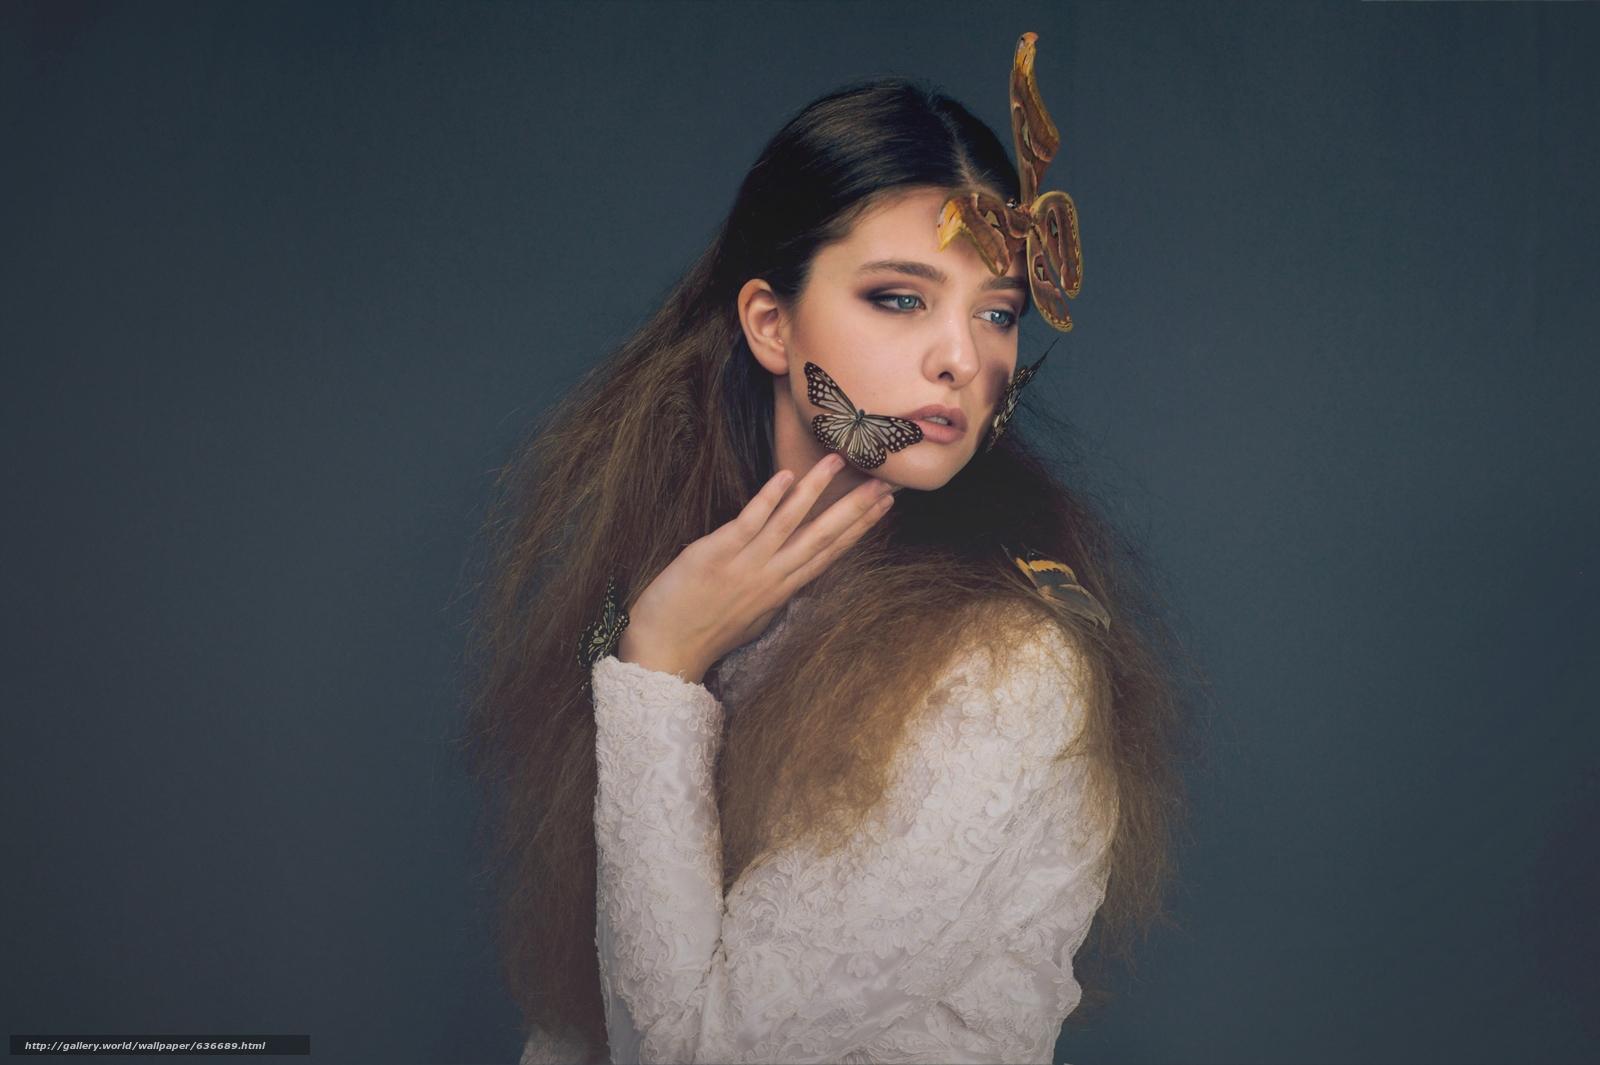 Скачать обои модель,  бабочки,  волосы,  стиль бесплатно для рабочего стола в разрешении 4279x2848 — картинка №636689